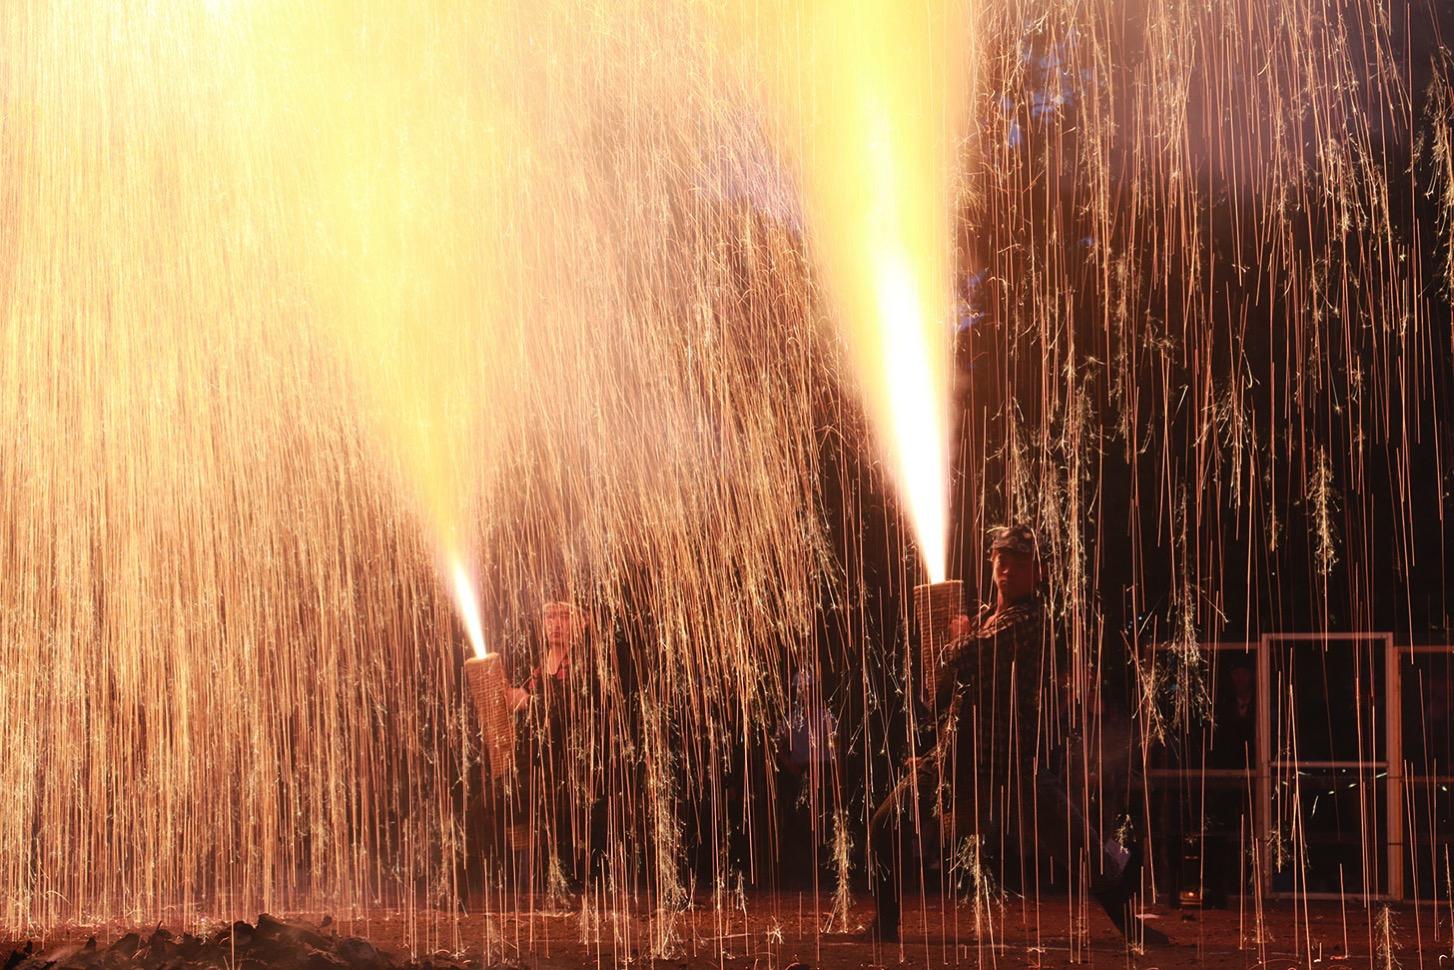 滝のように降り注ぐ火の粉